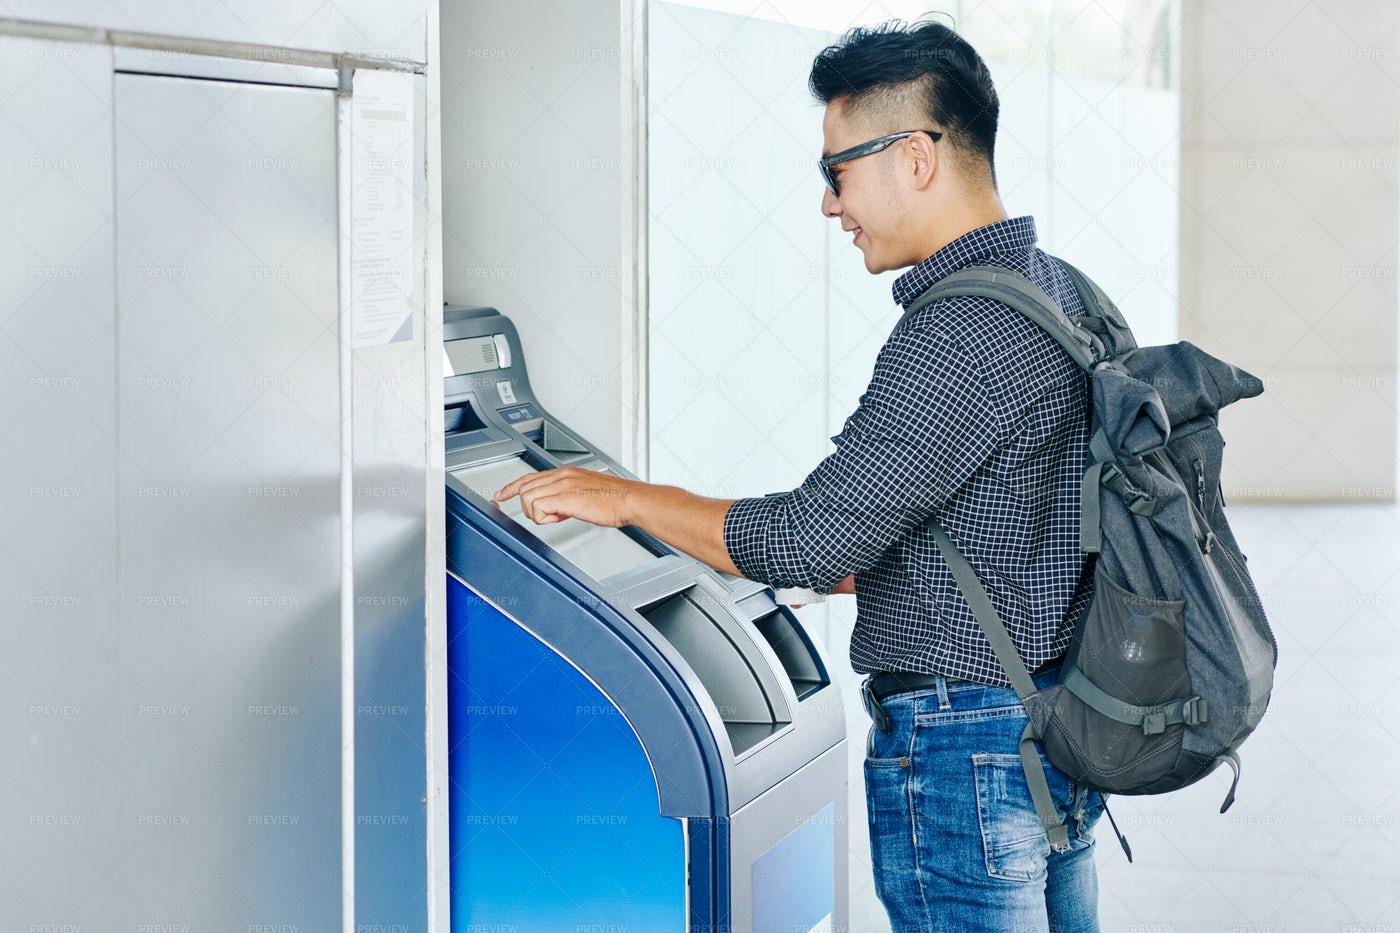 Man Entering Pin Code In ATM Terminal: Stock Photos